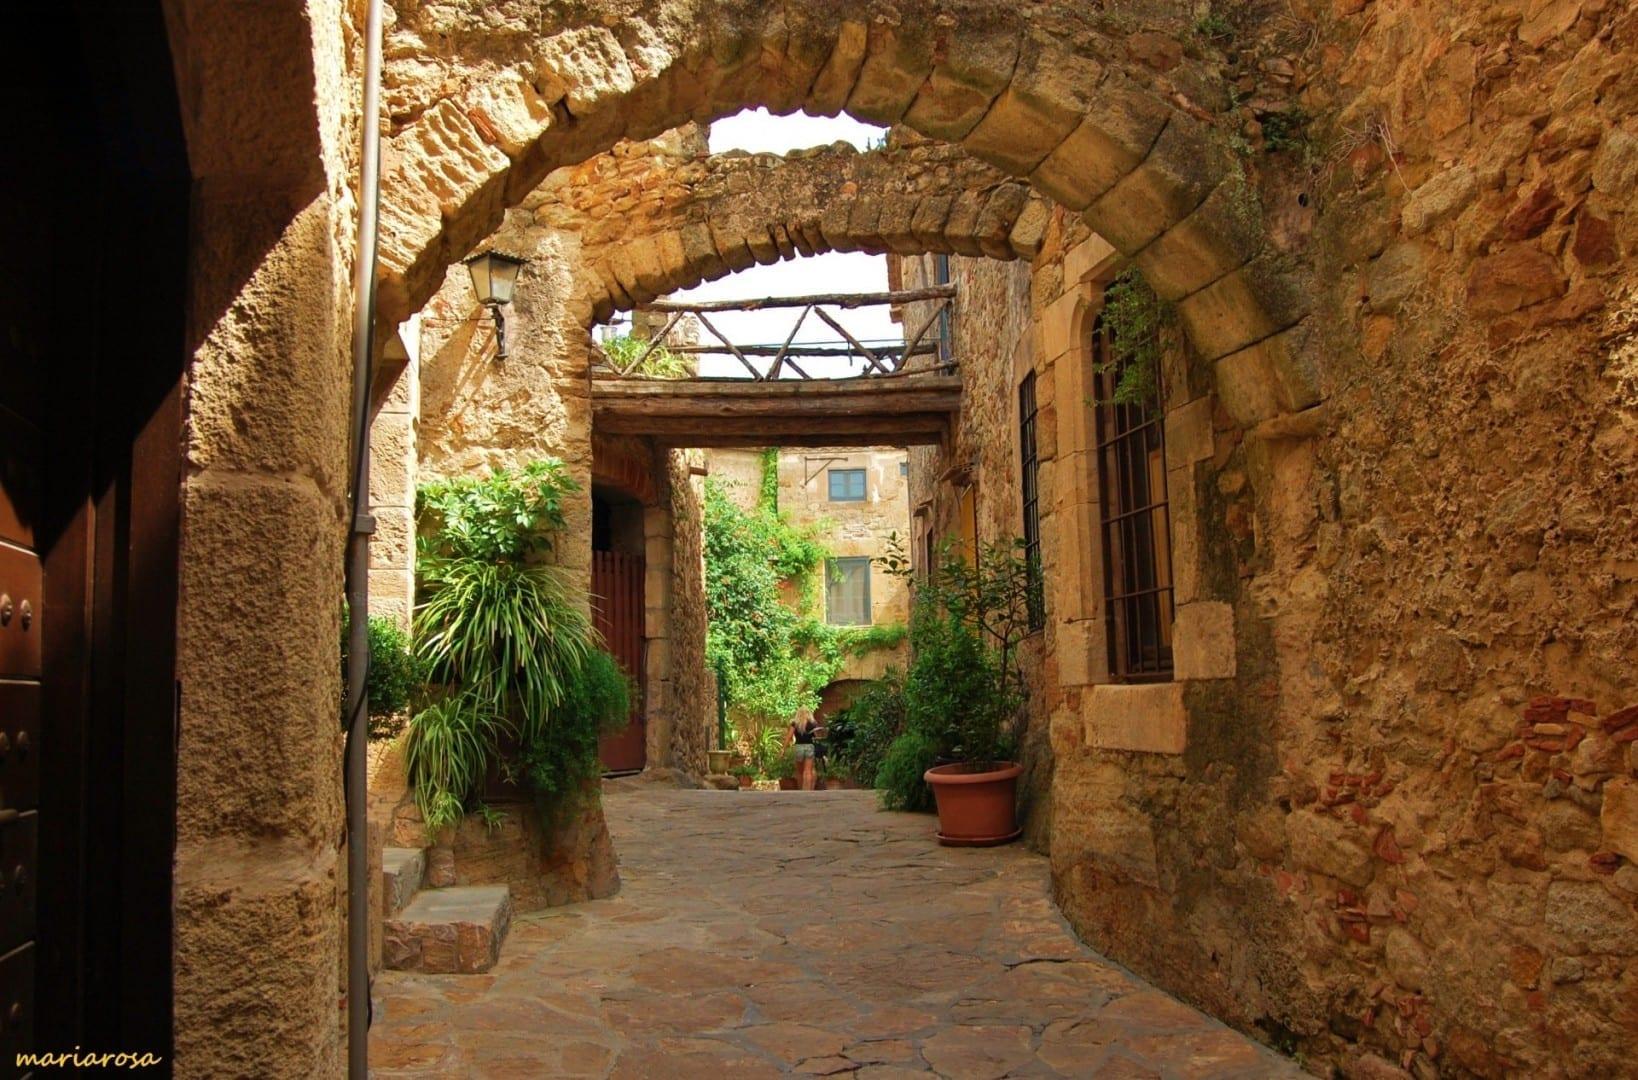 Los arcos sobre los estrechos pasajes son comunes, como estos a lo largo de las viejas murallas de la ciudad. Palafolls España